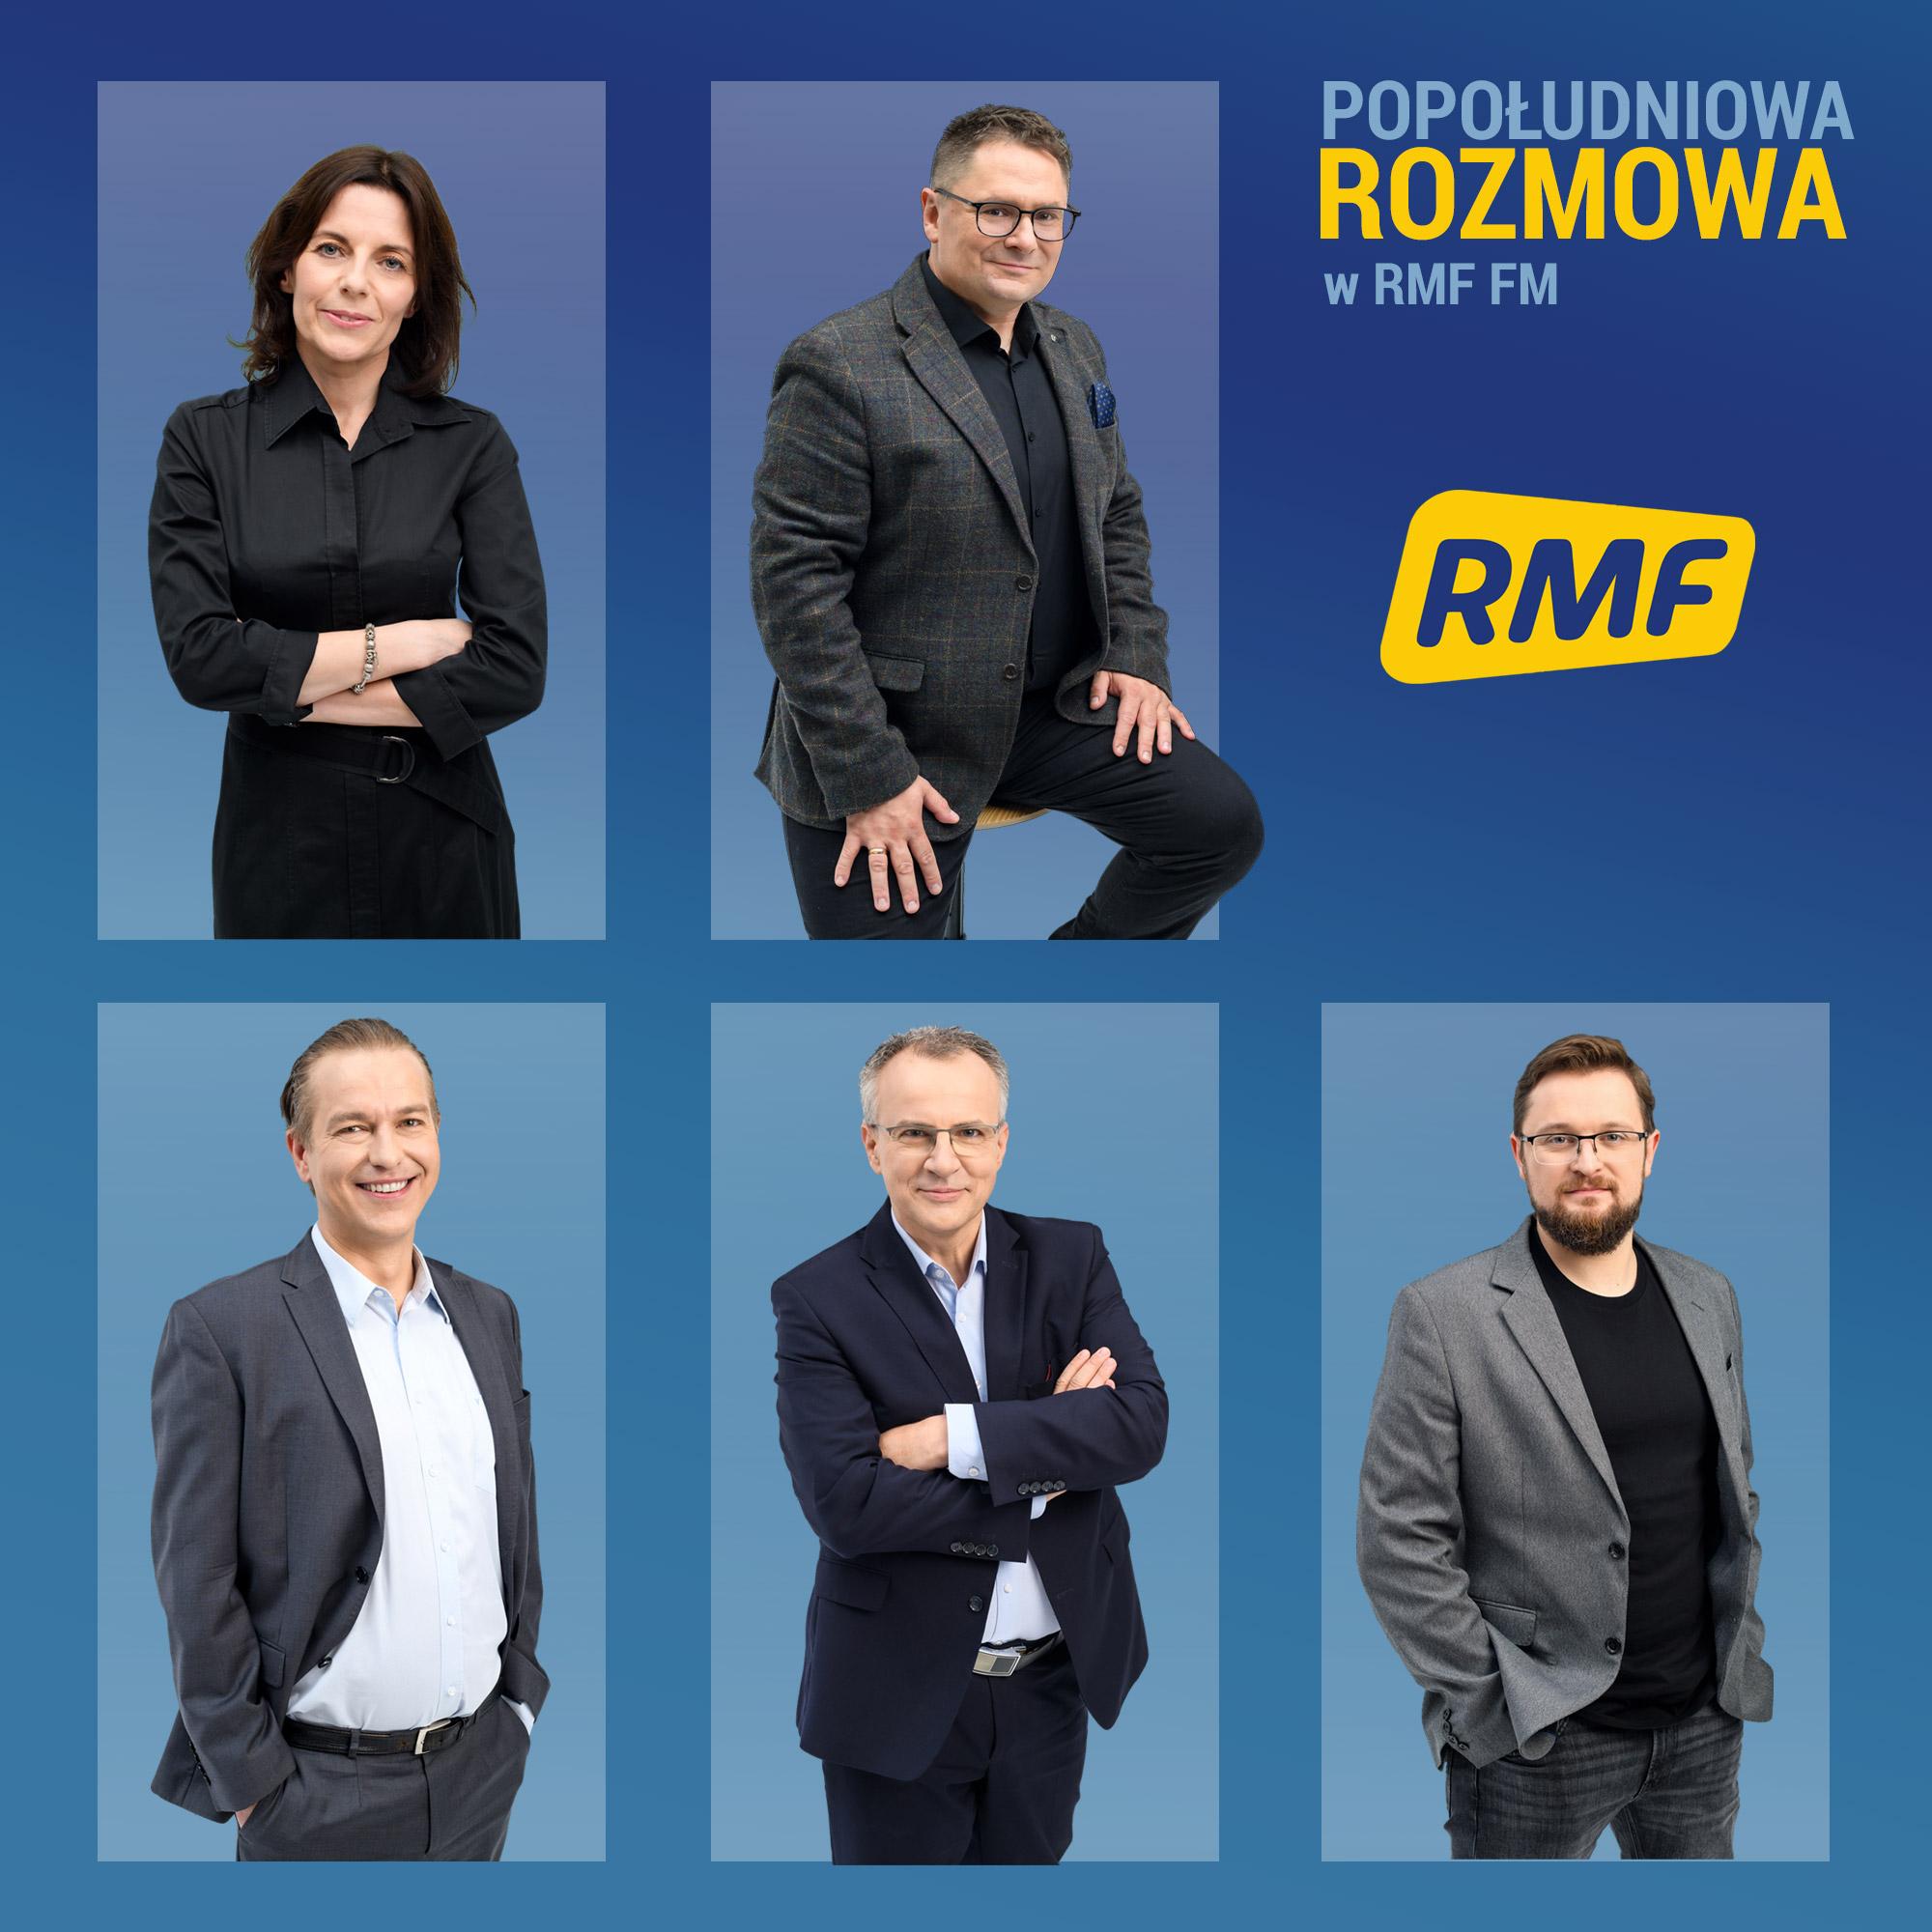 """Pięciu nowych prowadzących """"Popołudniową Rozmowę w RMF FM"""""""